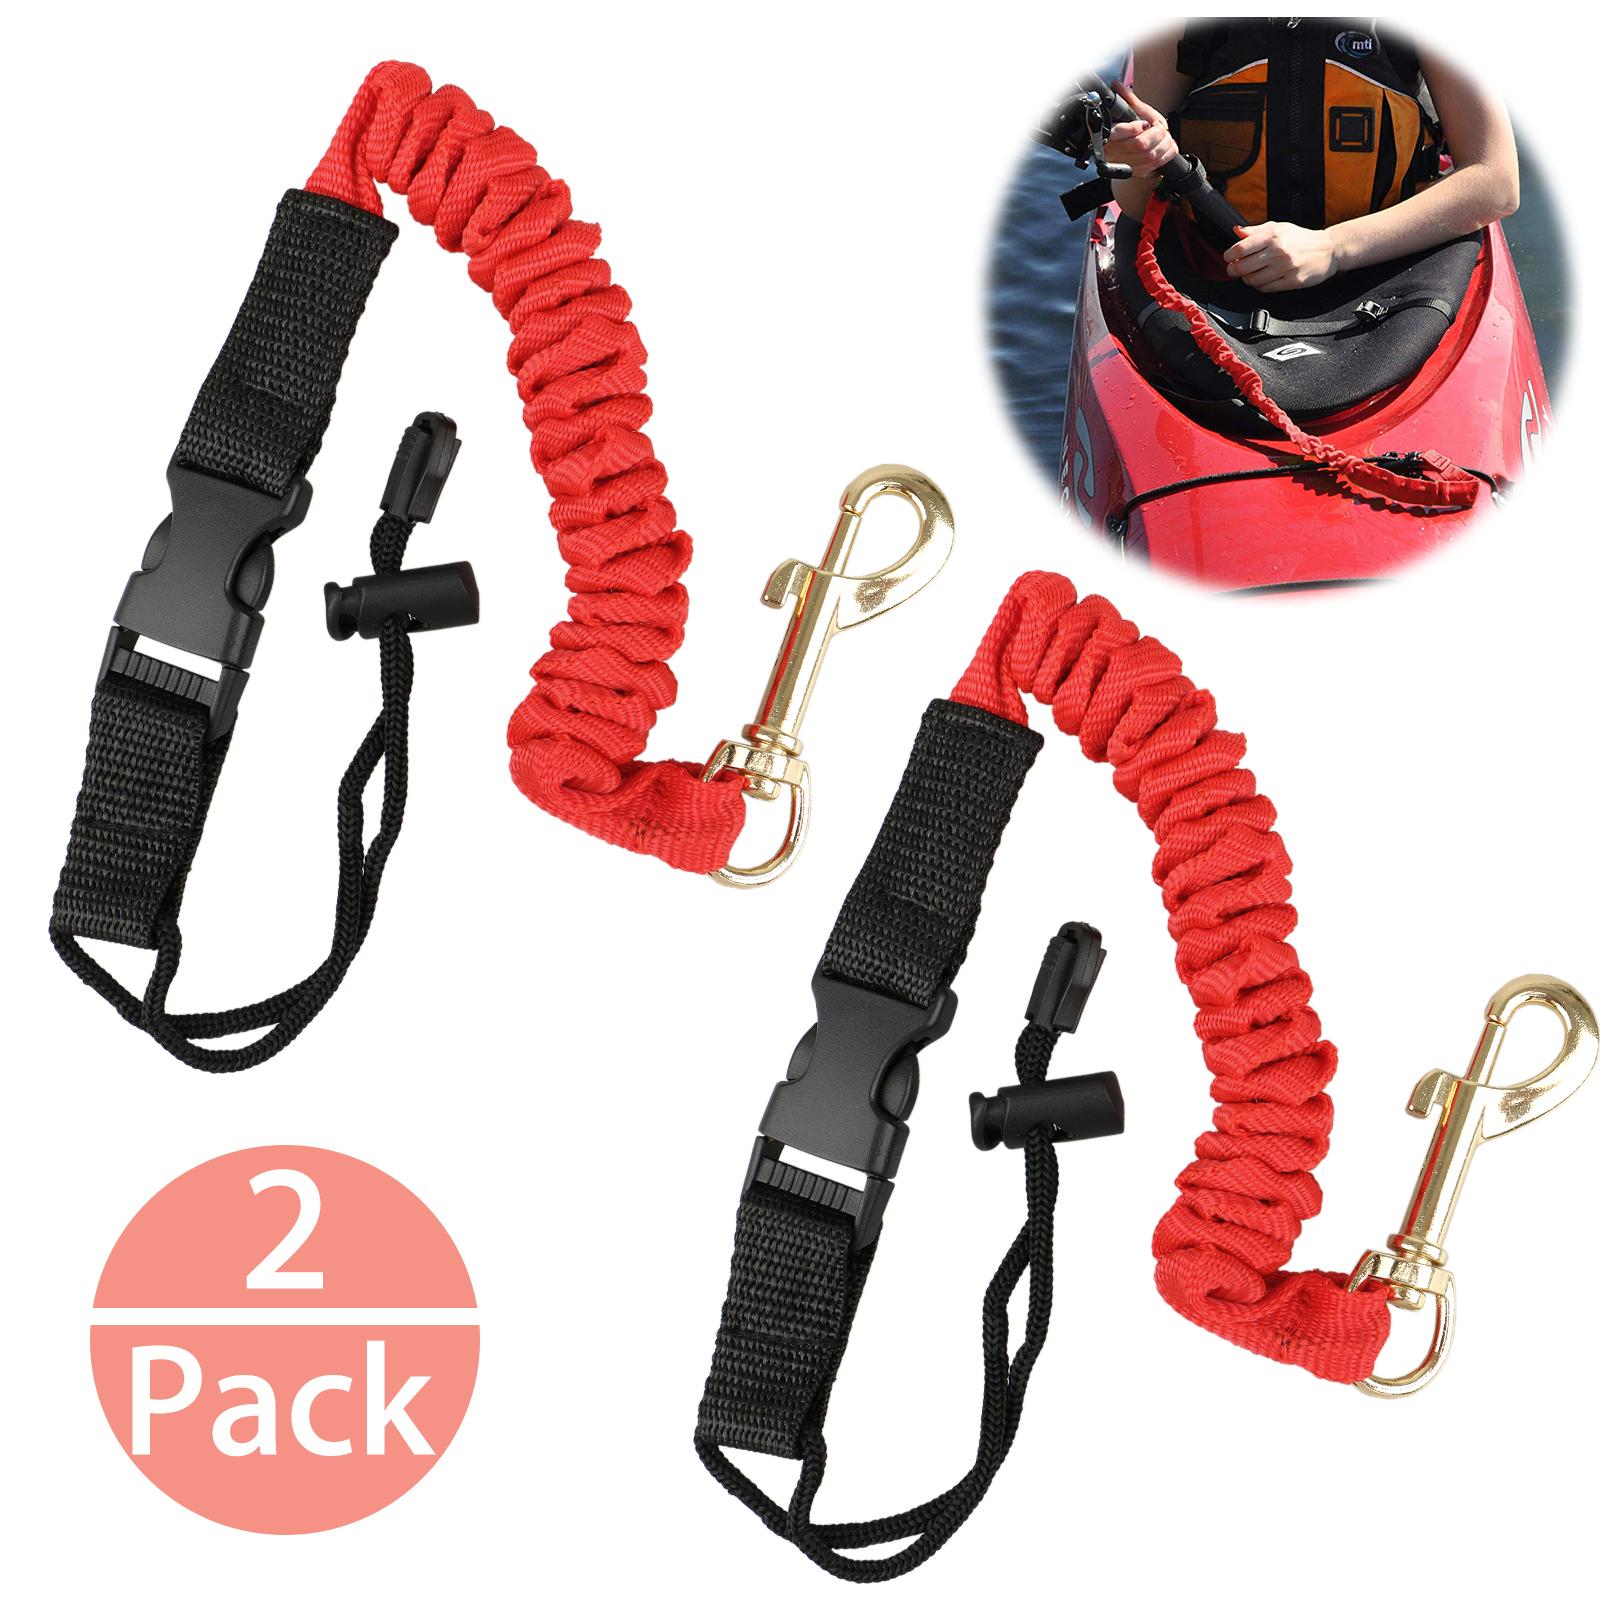 2pcs elastic paddle fishing leash safety rod